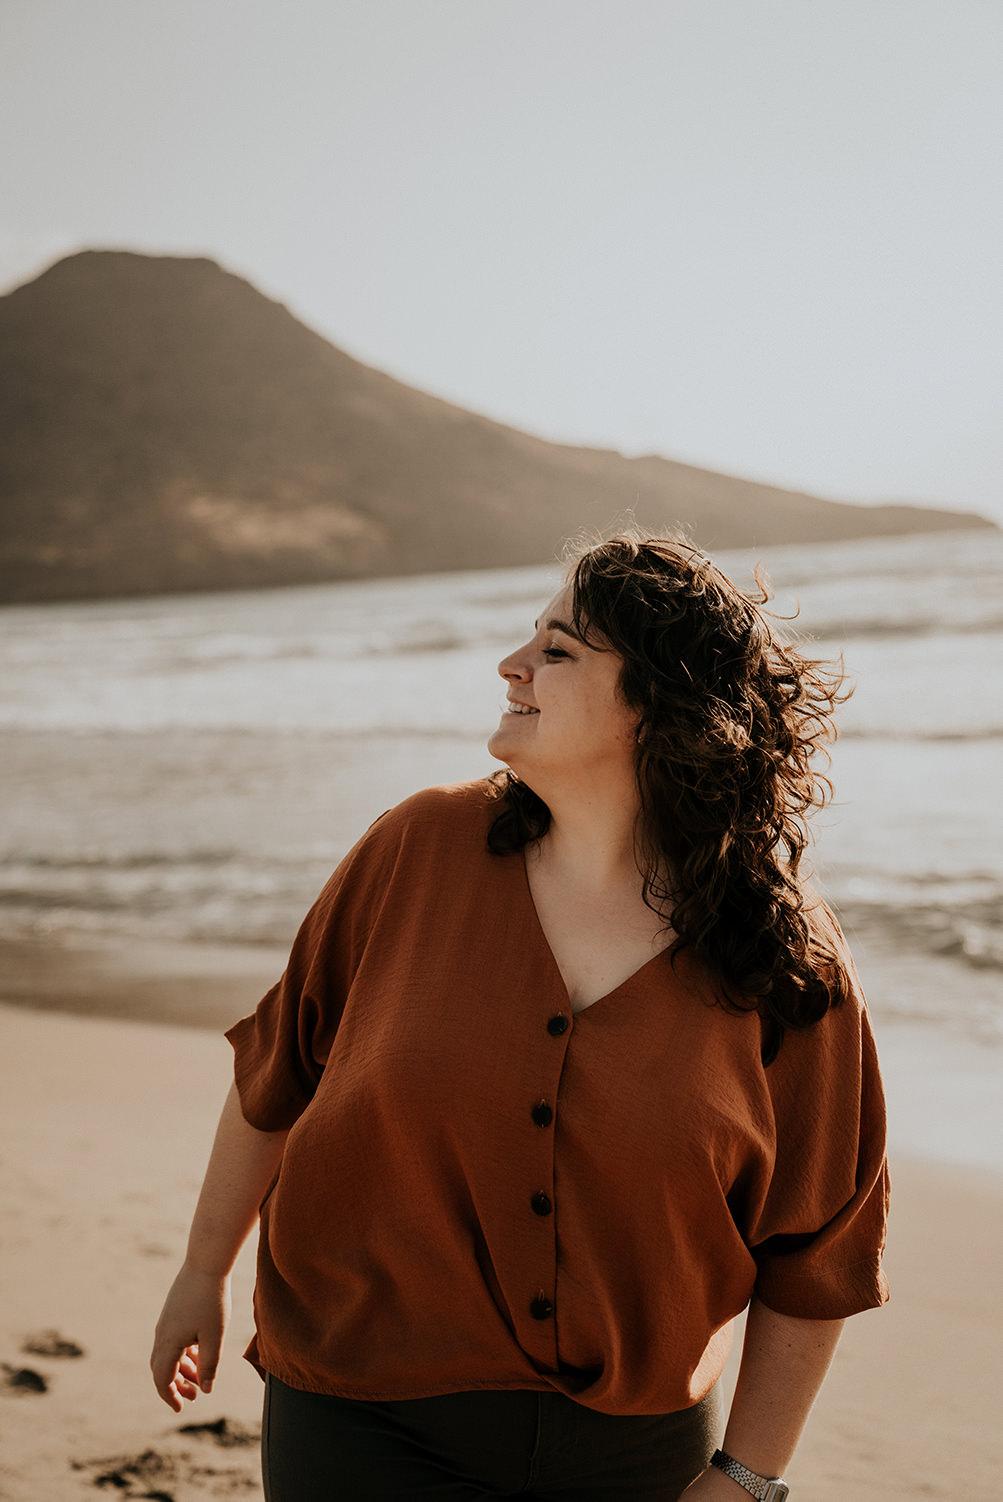 María-Espinosa-fotografía